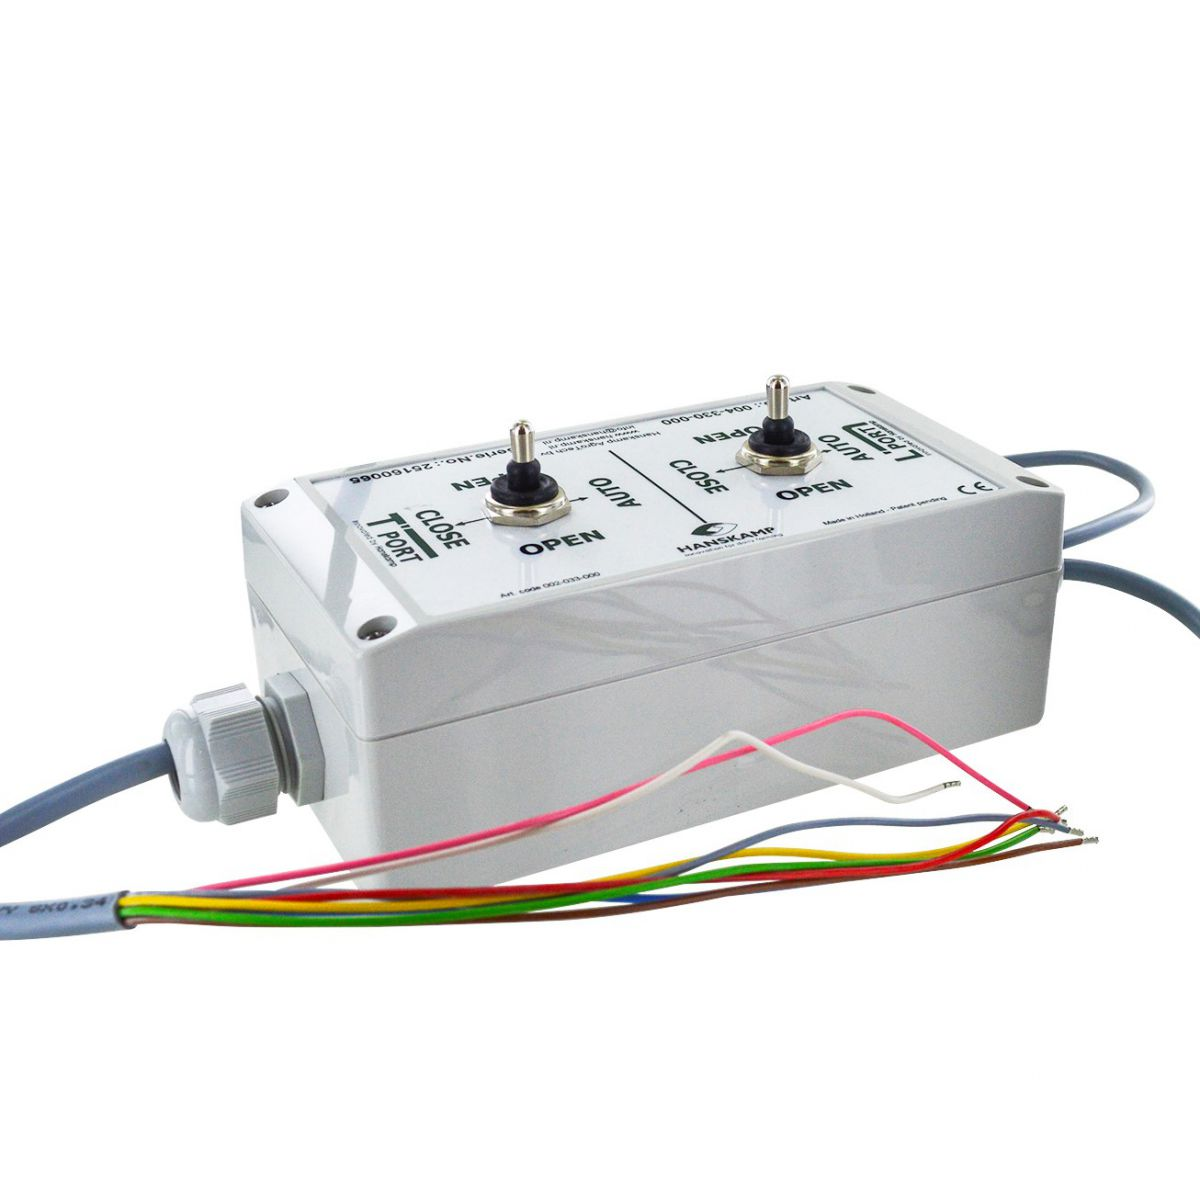 steuerung tport mit doppel kabelverschraubung mit 2x 3positionsschalter